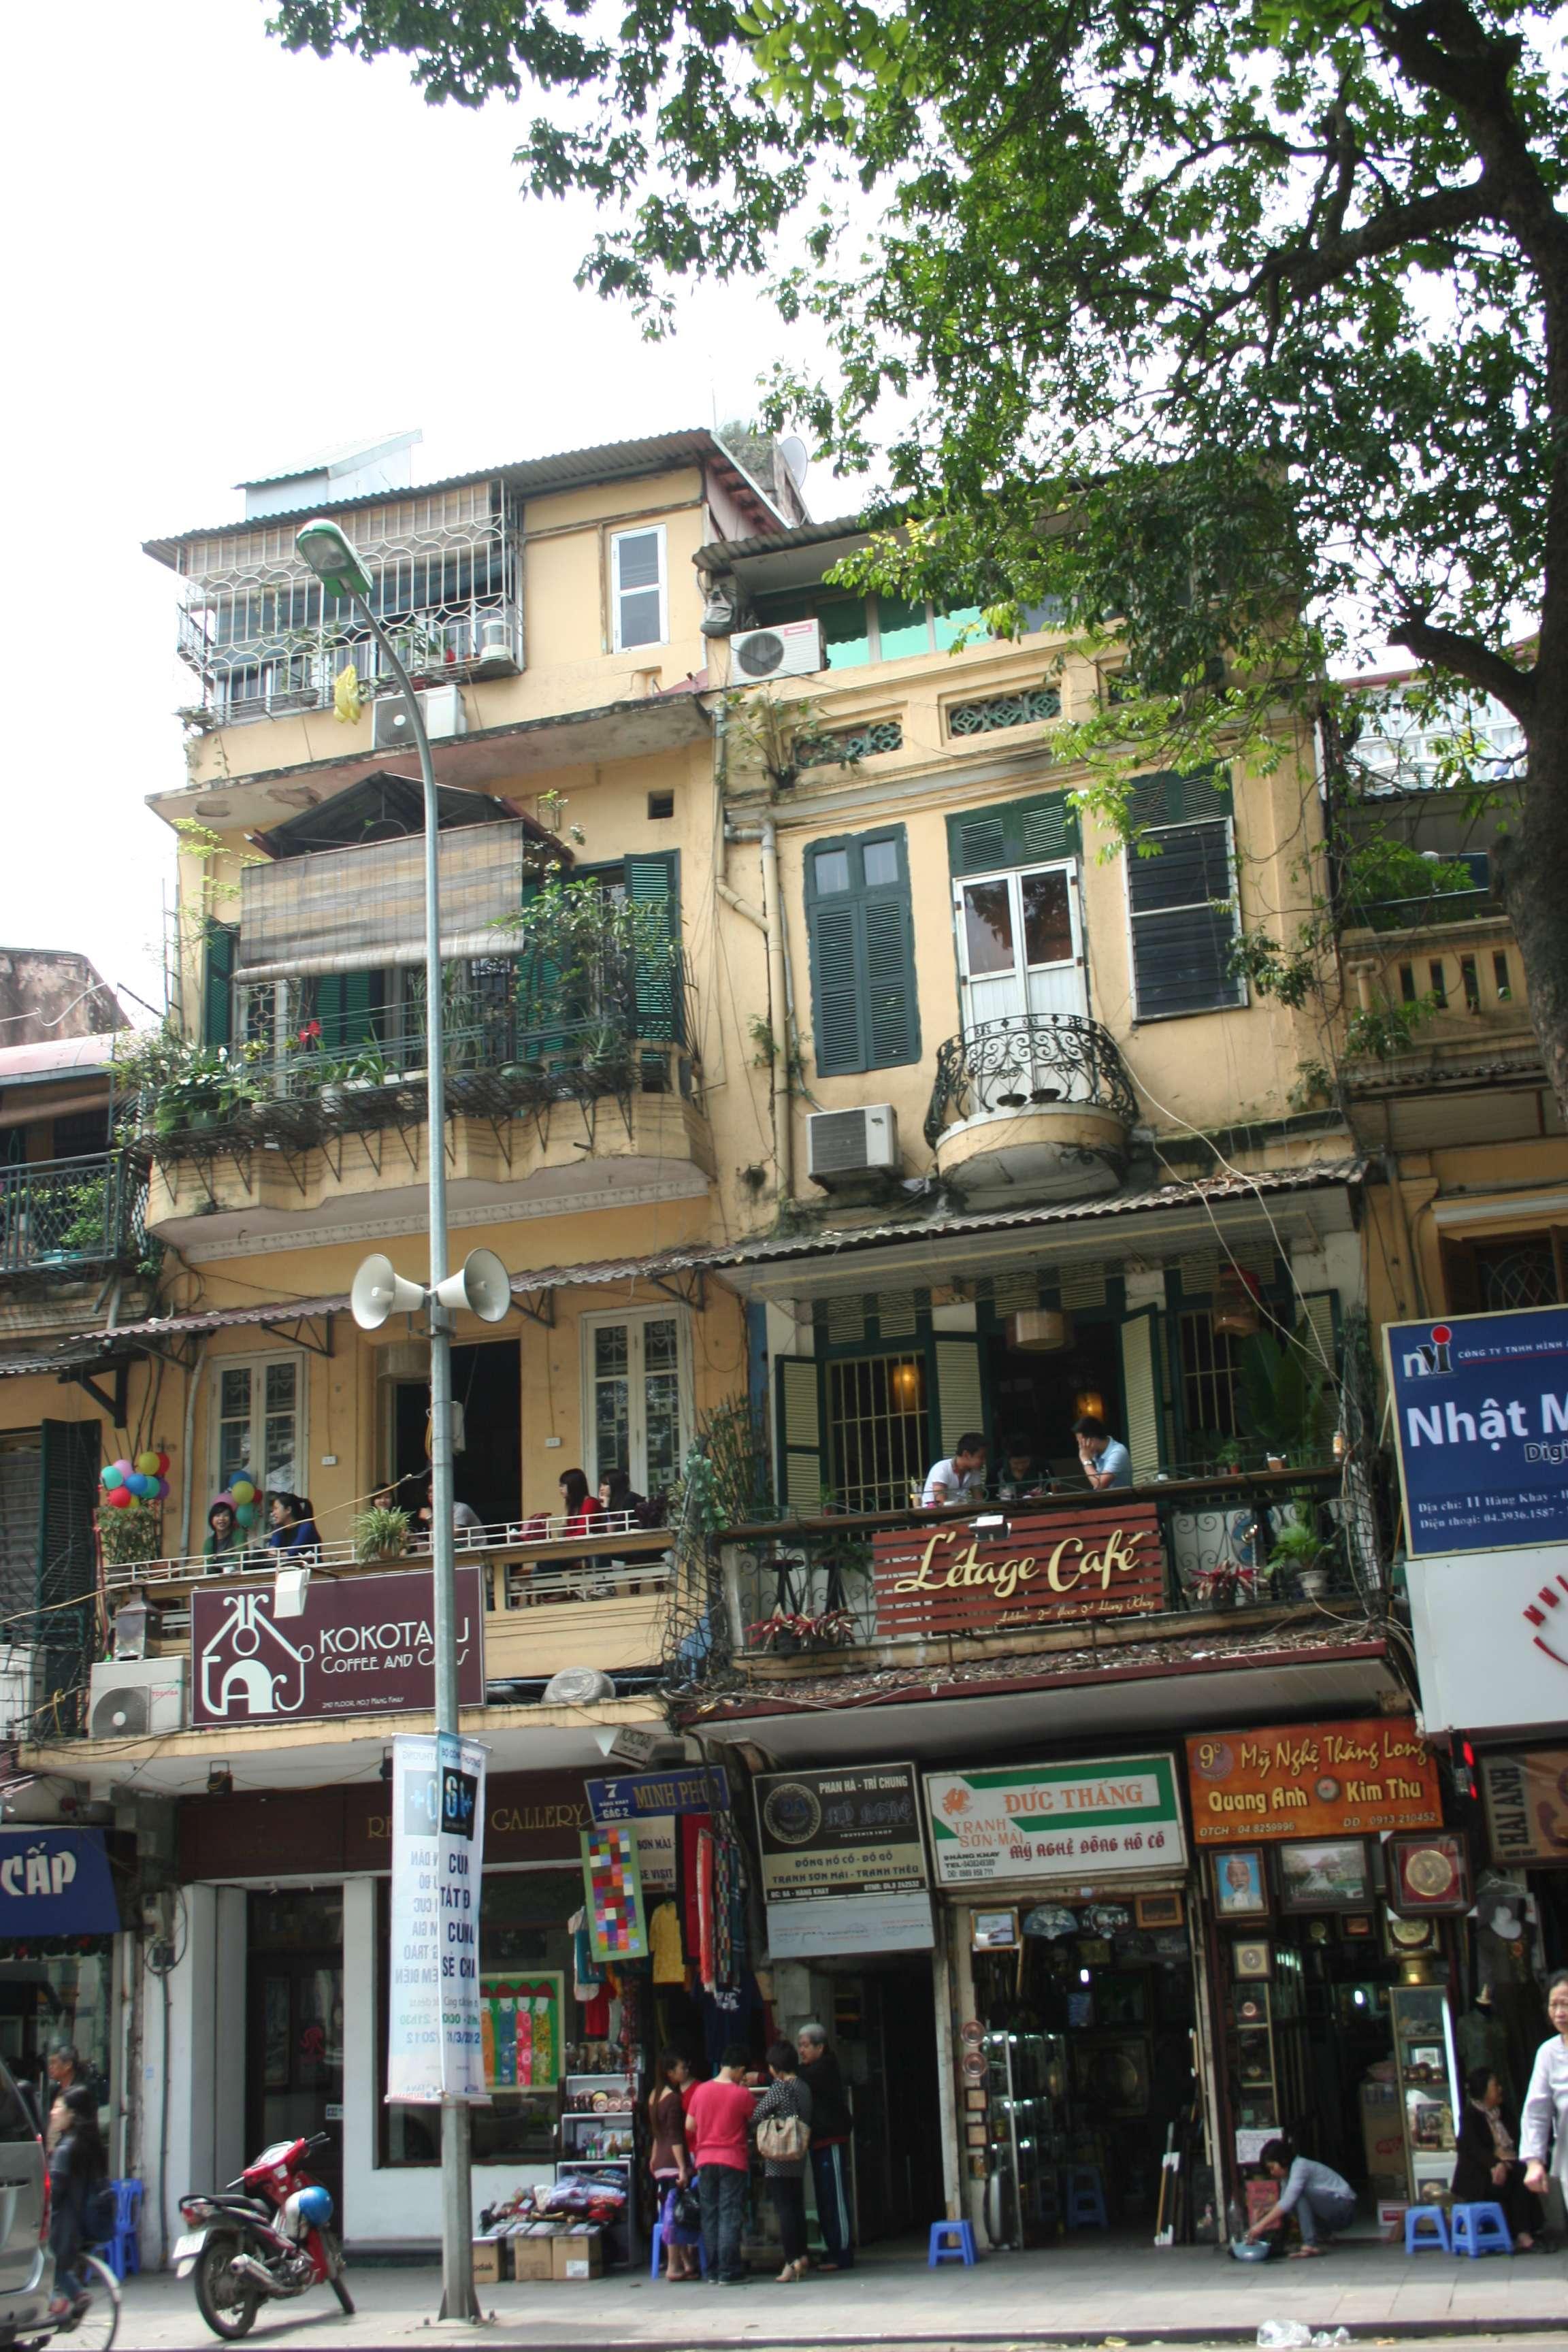 20120408_012 rue dans Hanoi